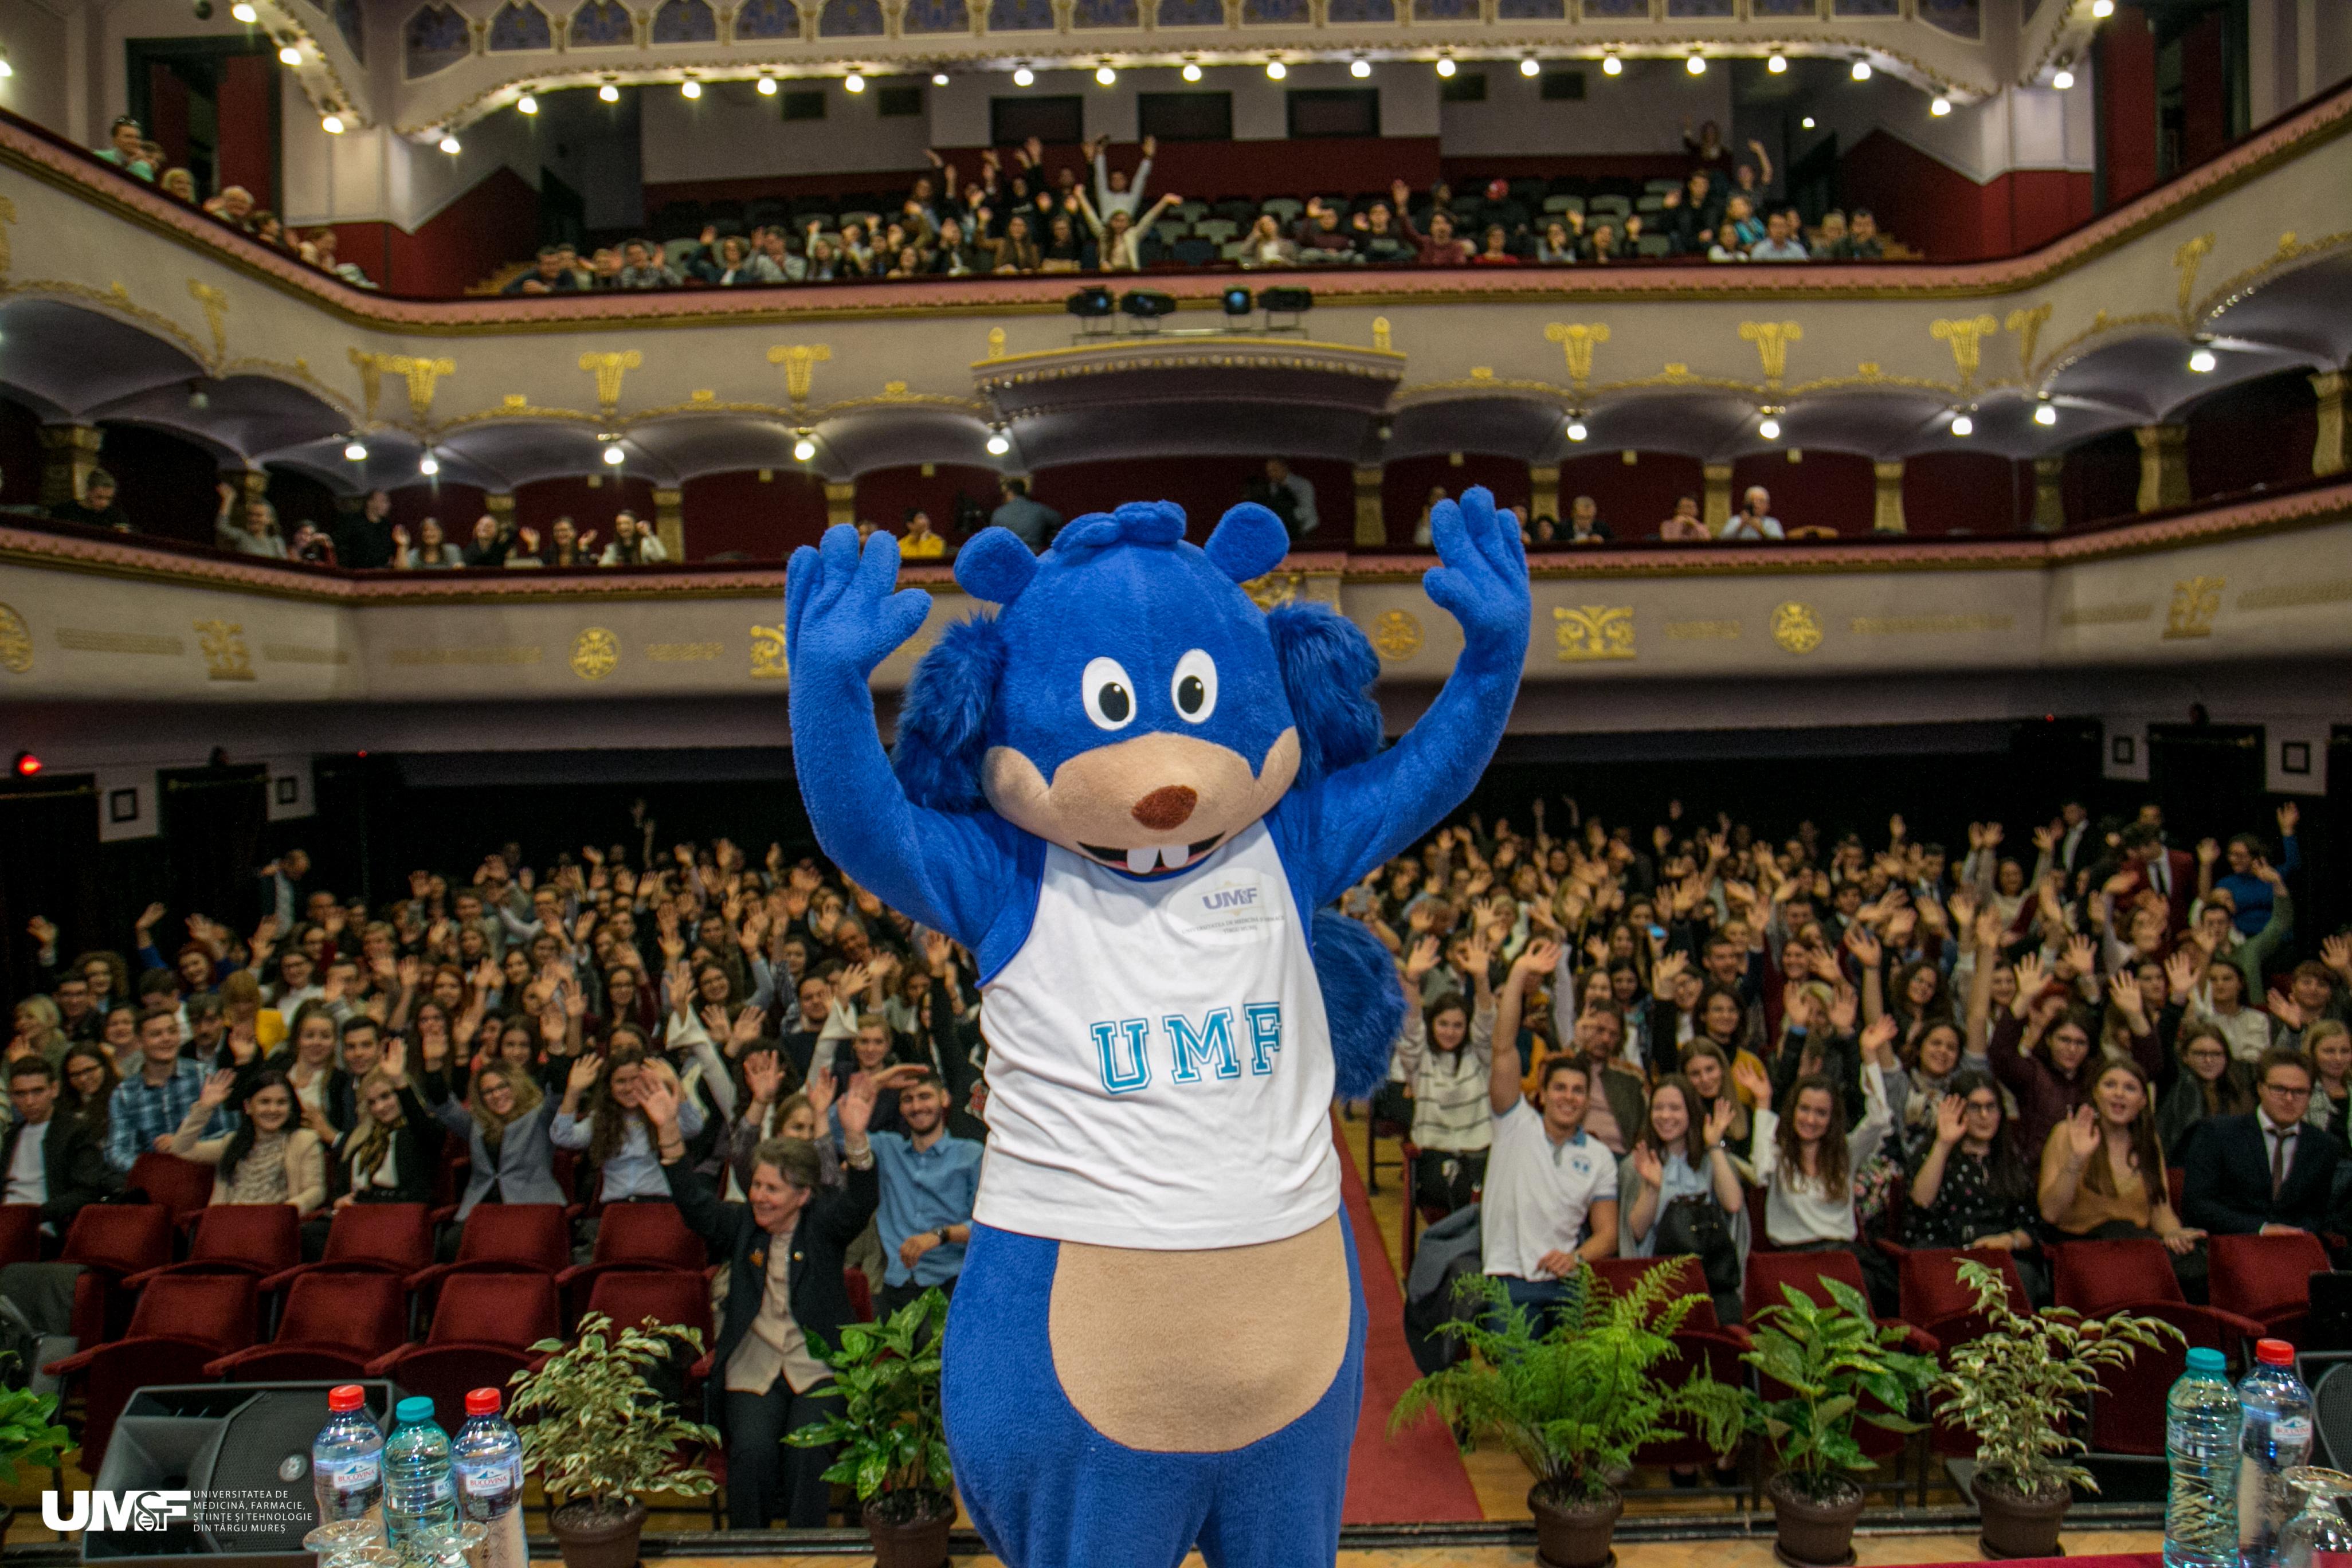 Liga Studenților din Târgu Mureș, 29 de ani de la înființare!